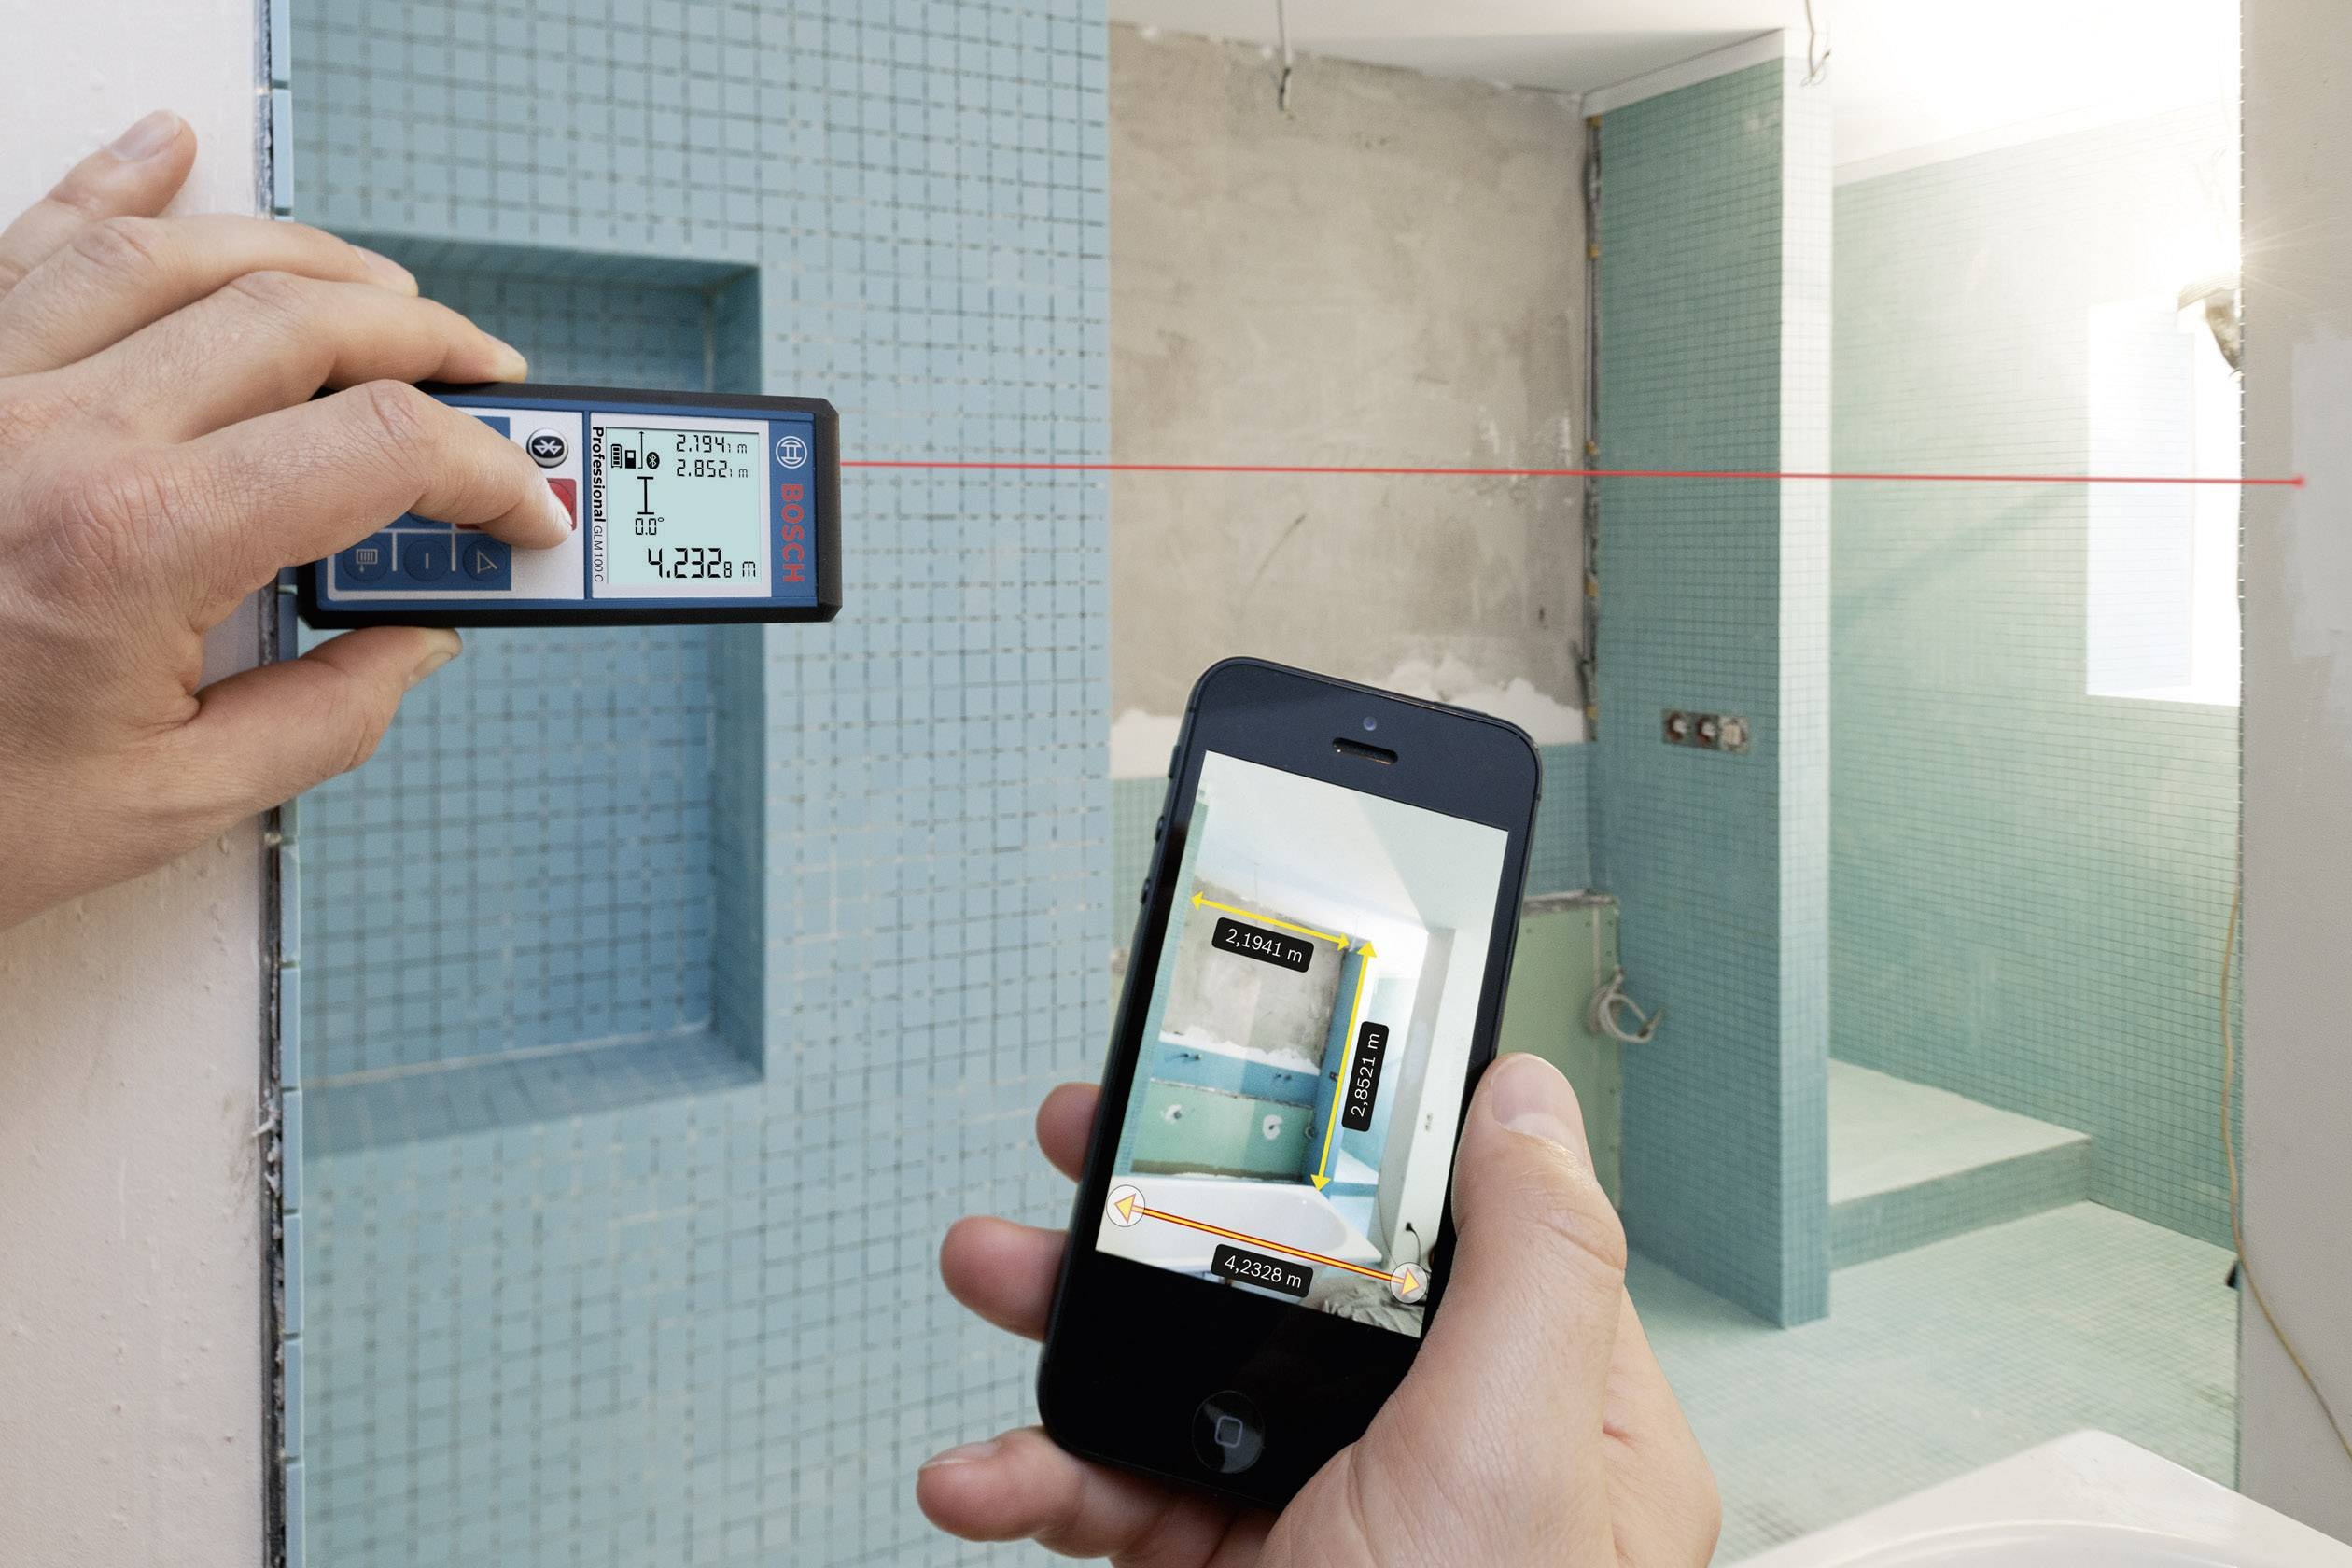 Golf Entfernungsmesser Iphone App : Iphone entfernungsmesser bosch laser zamo